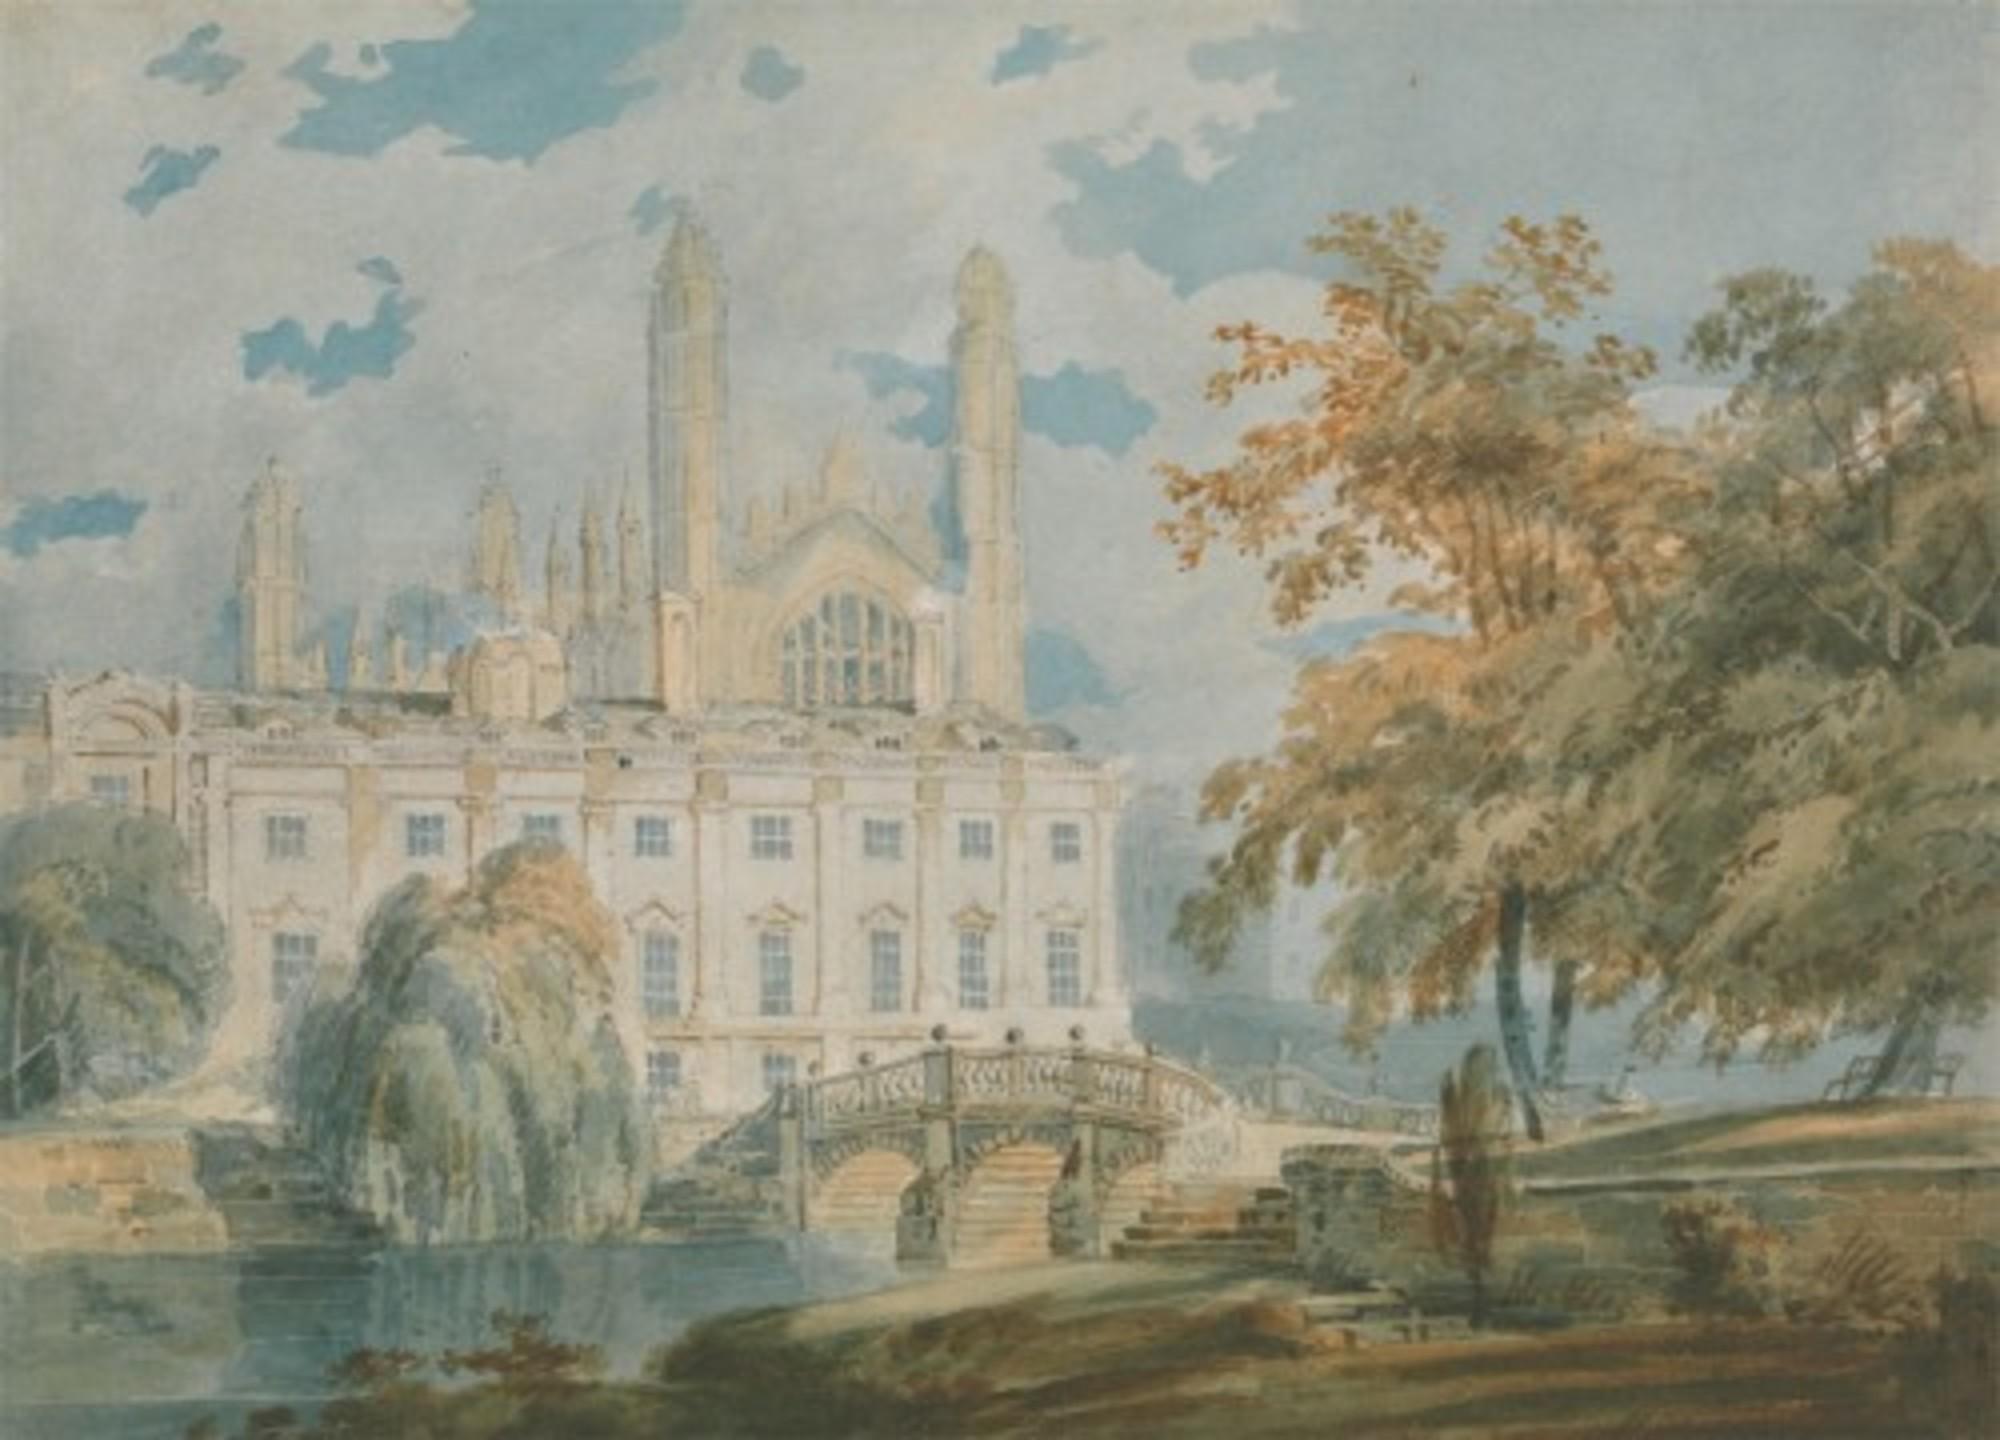 Clare_Hall_Turner_1793.jpg